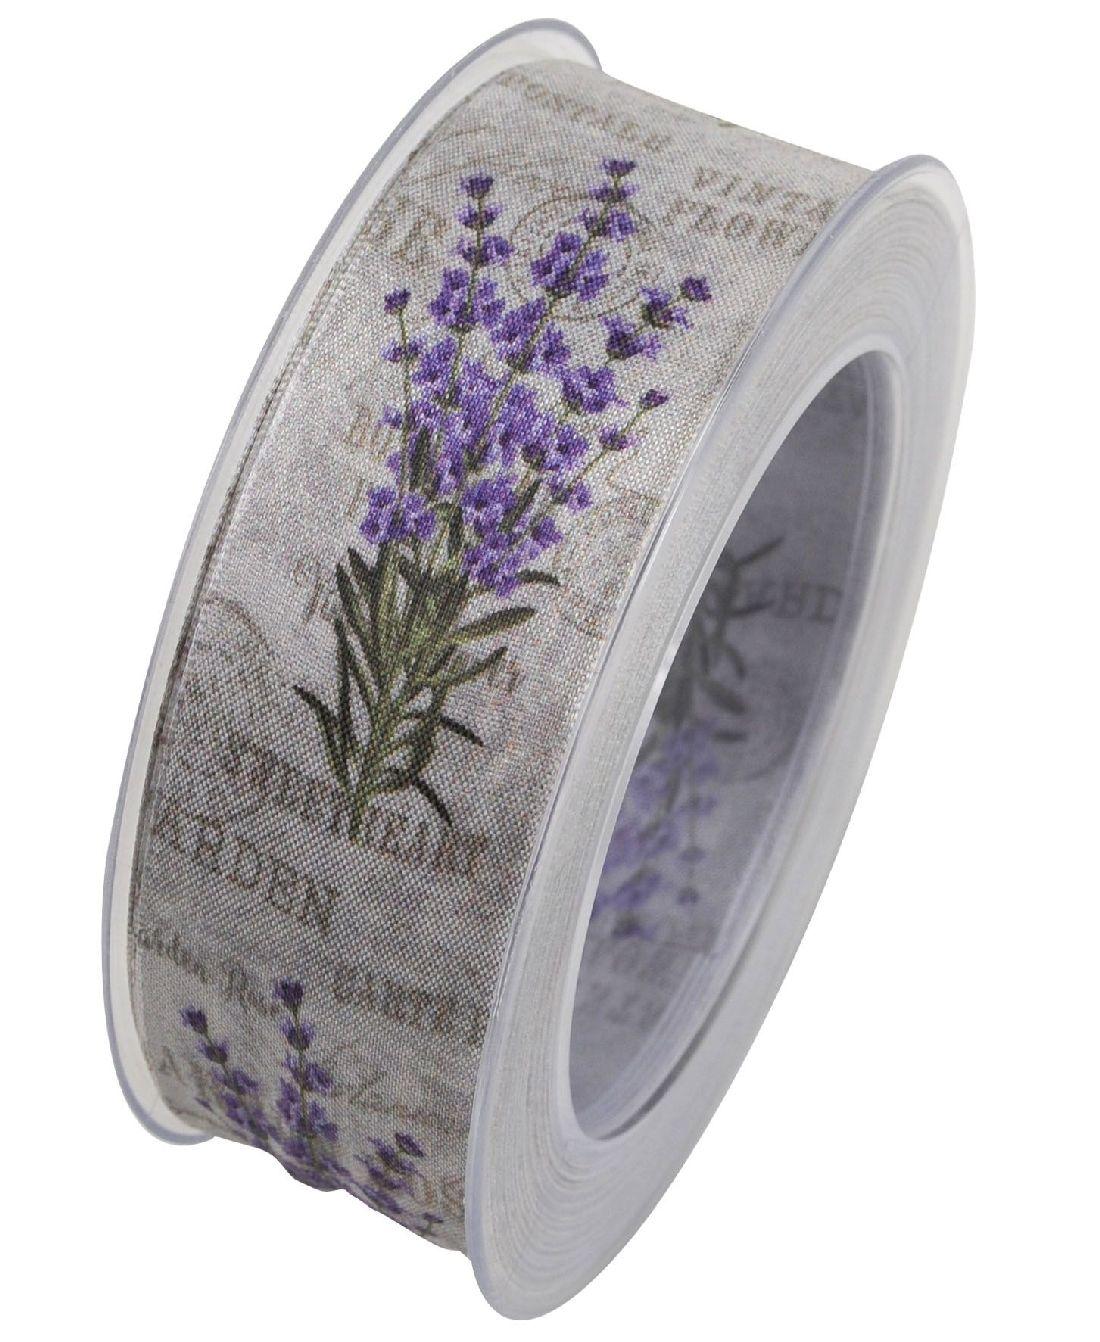 Band Lavendel Vintage Flower LAVENDEL X769 formstab.Kante B:40mm L:20Meter Garden